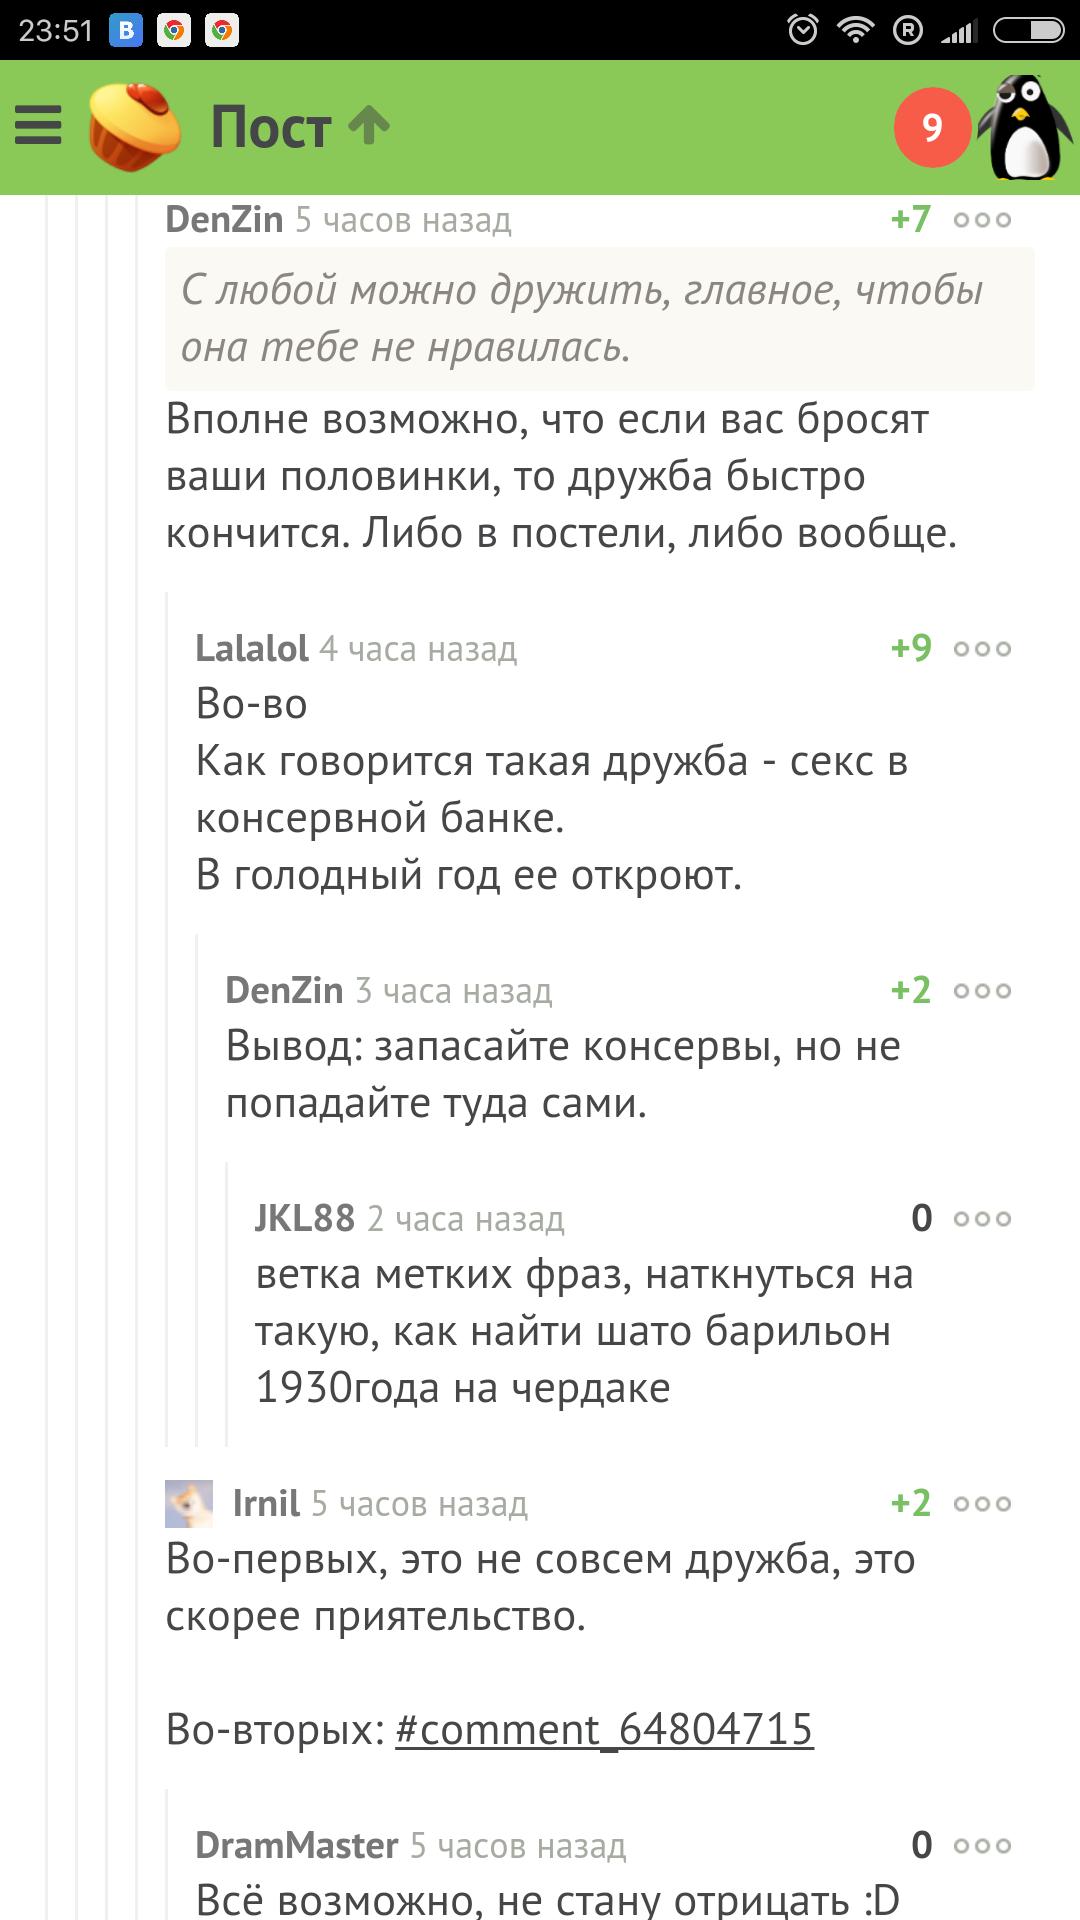 Комментарий про секс